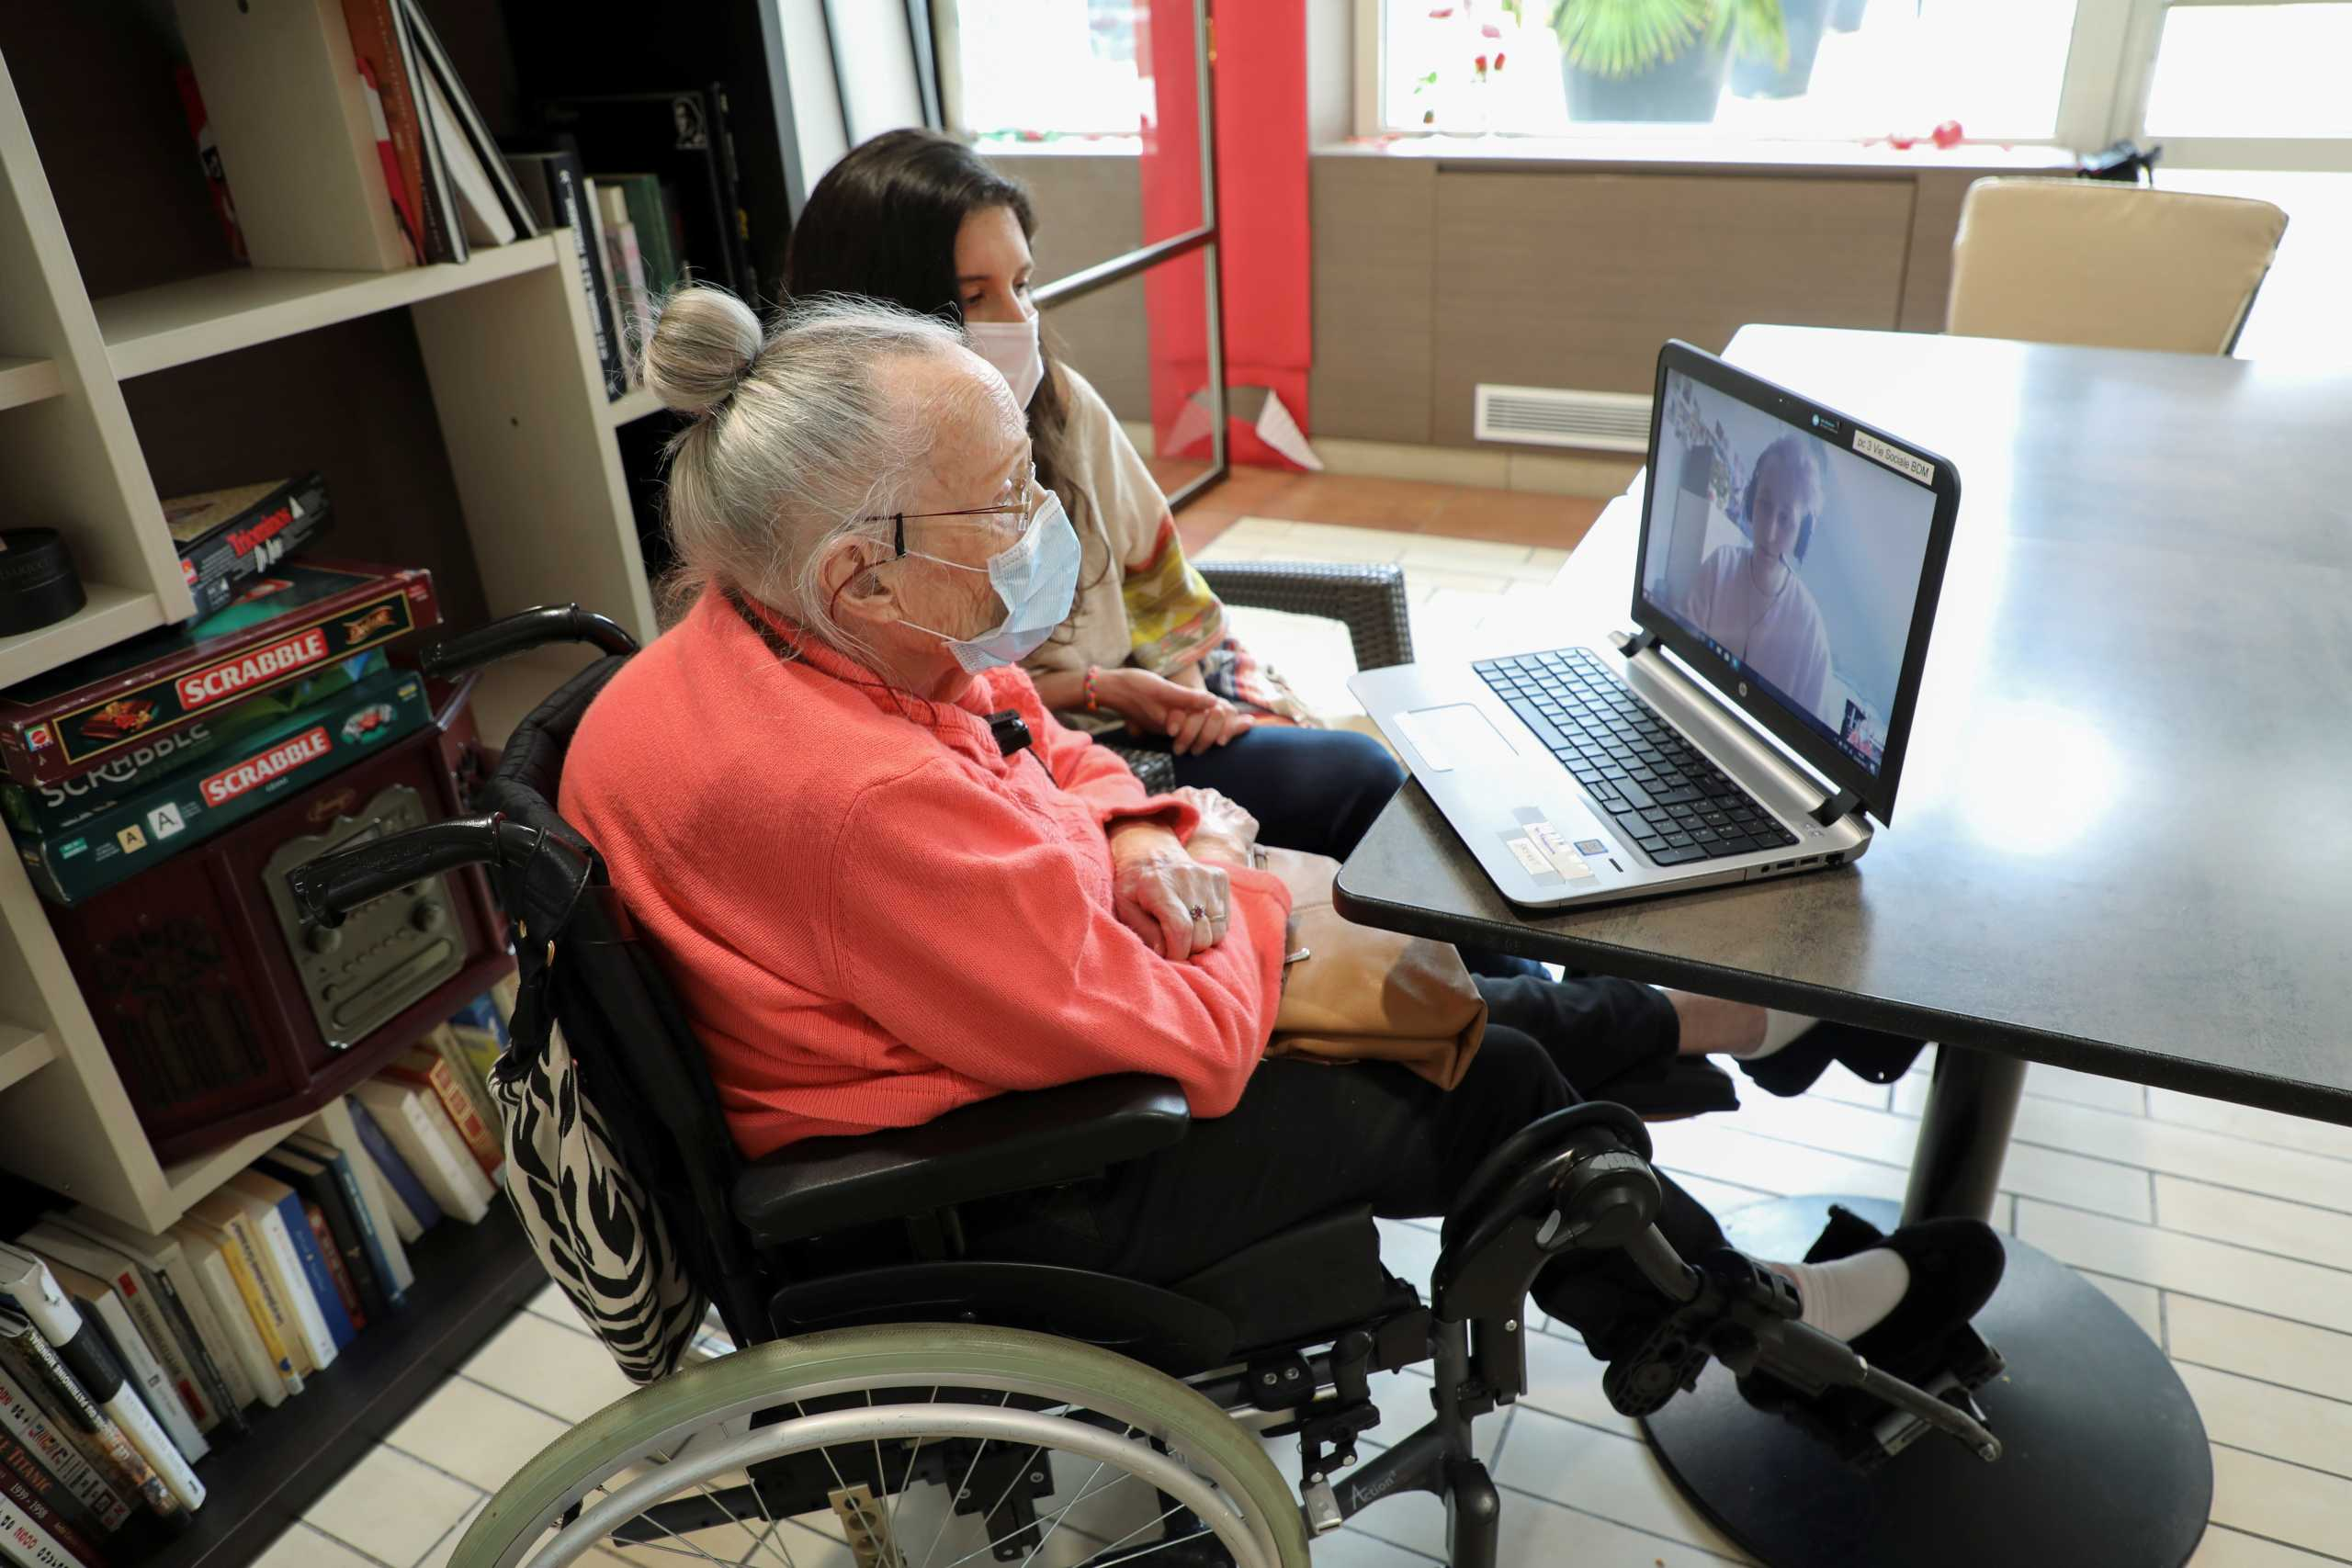 Φιλία στην εποχή του lockdown: Η απίθανη σχέση 98χρονης Γαλλίδας συνταξιούχου με Βρετανό φοιτητή